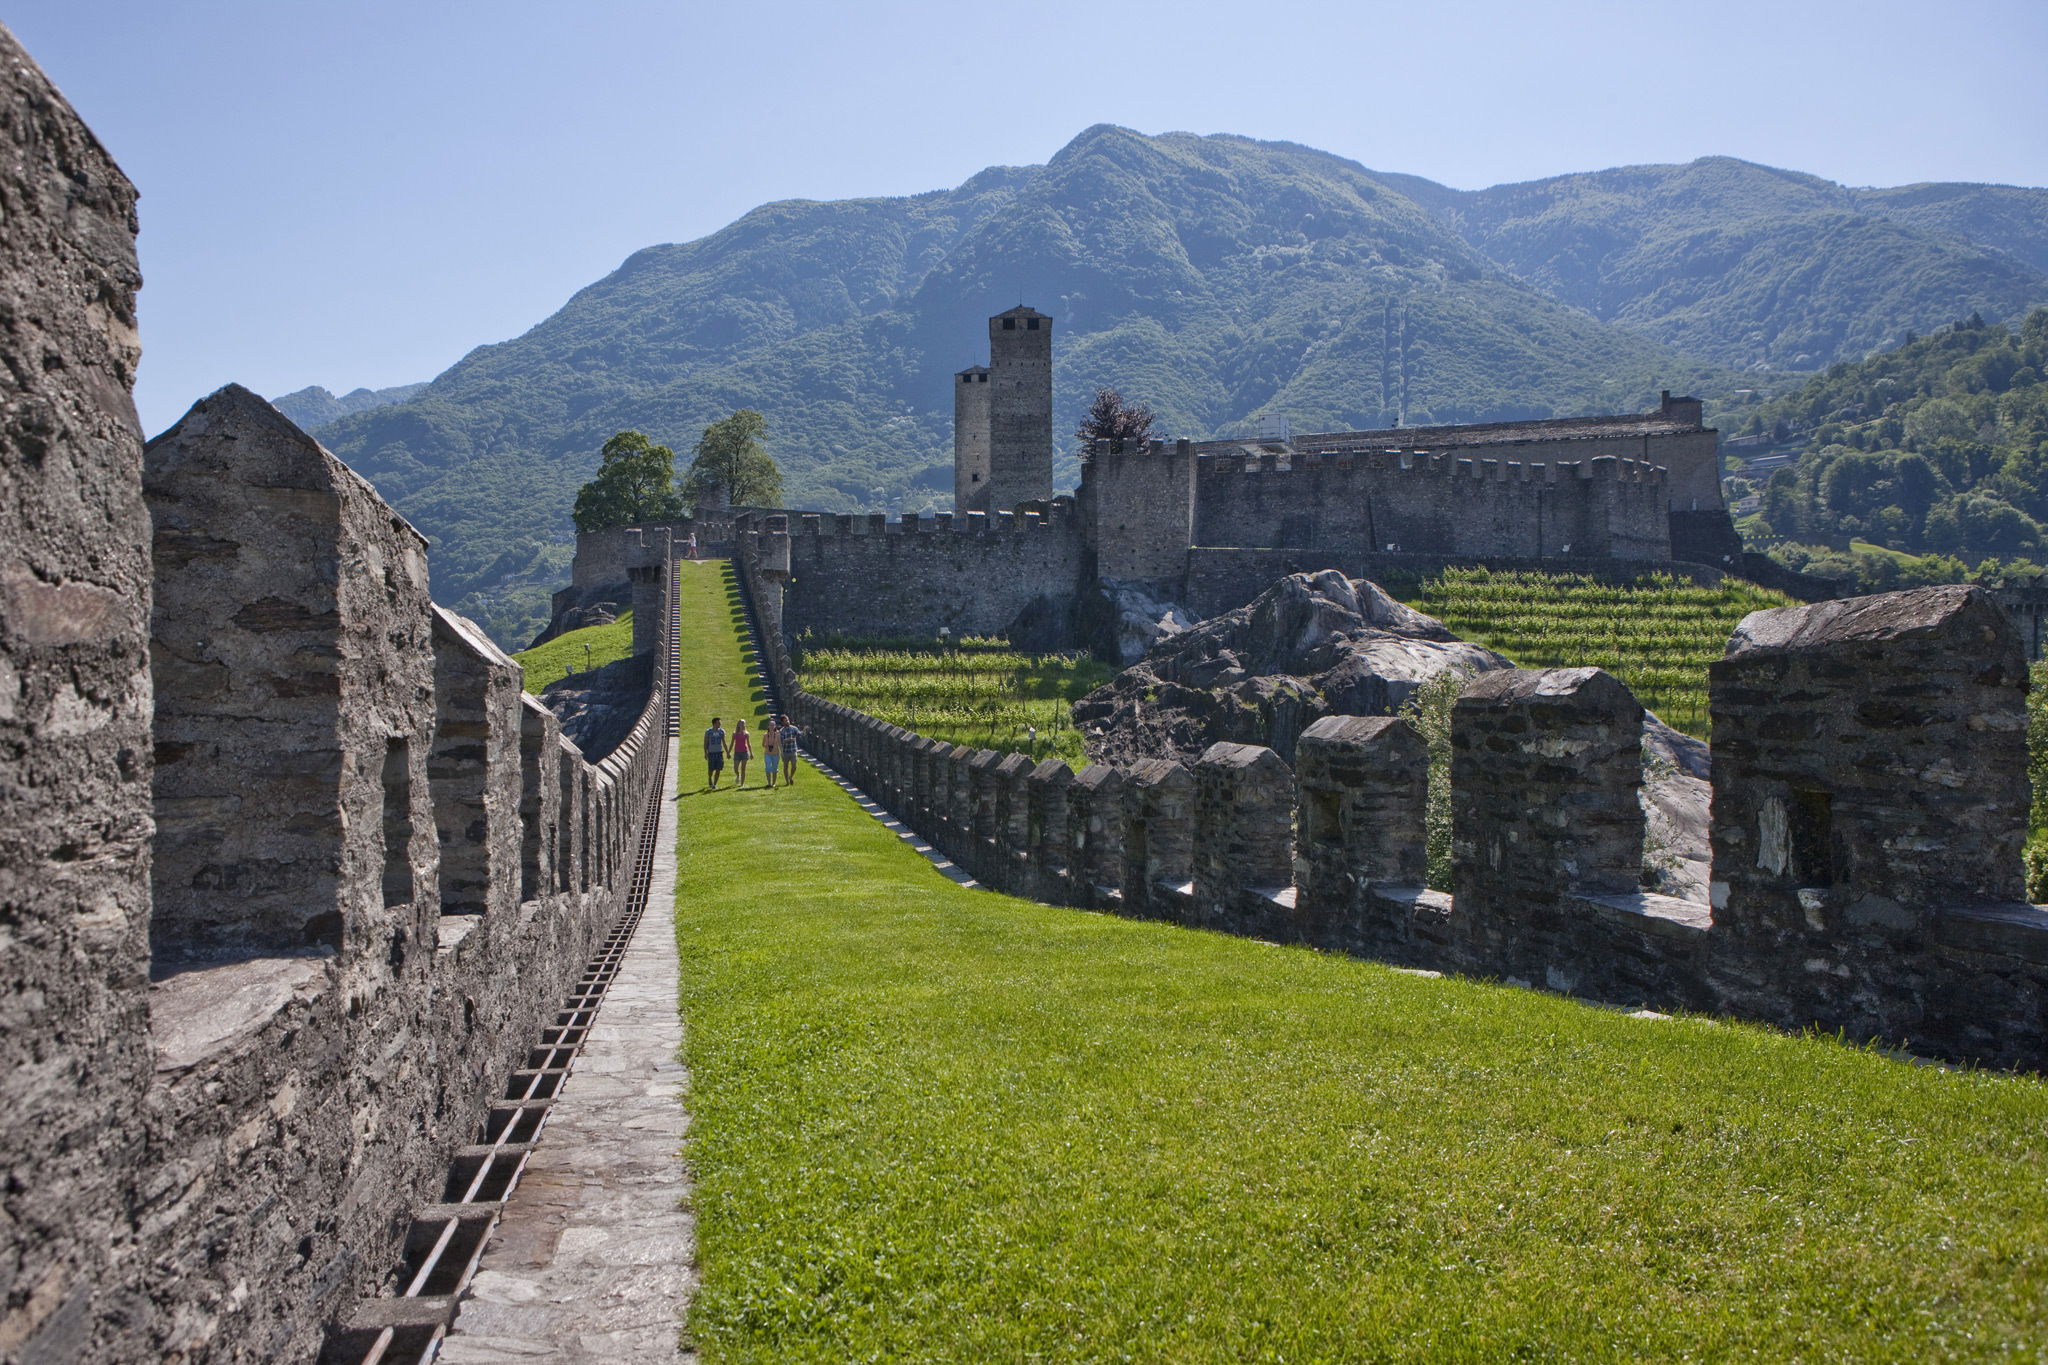 The Castles of Bellinzona